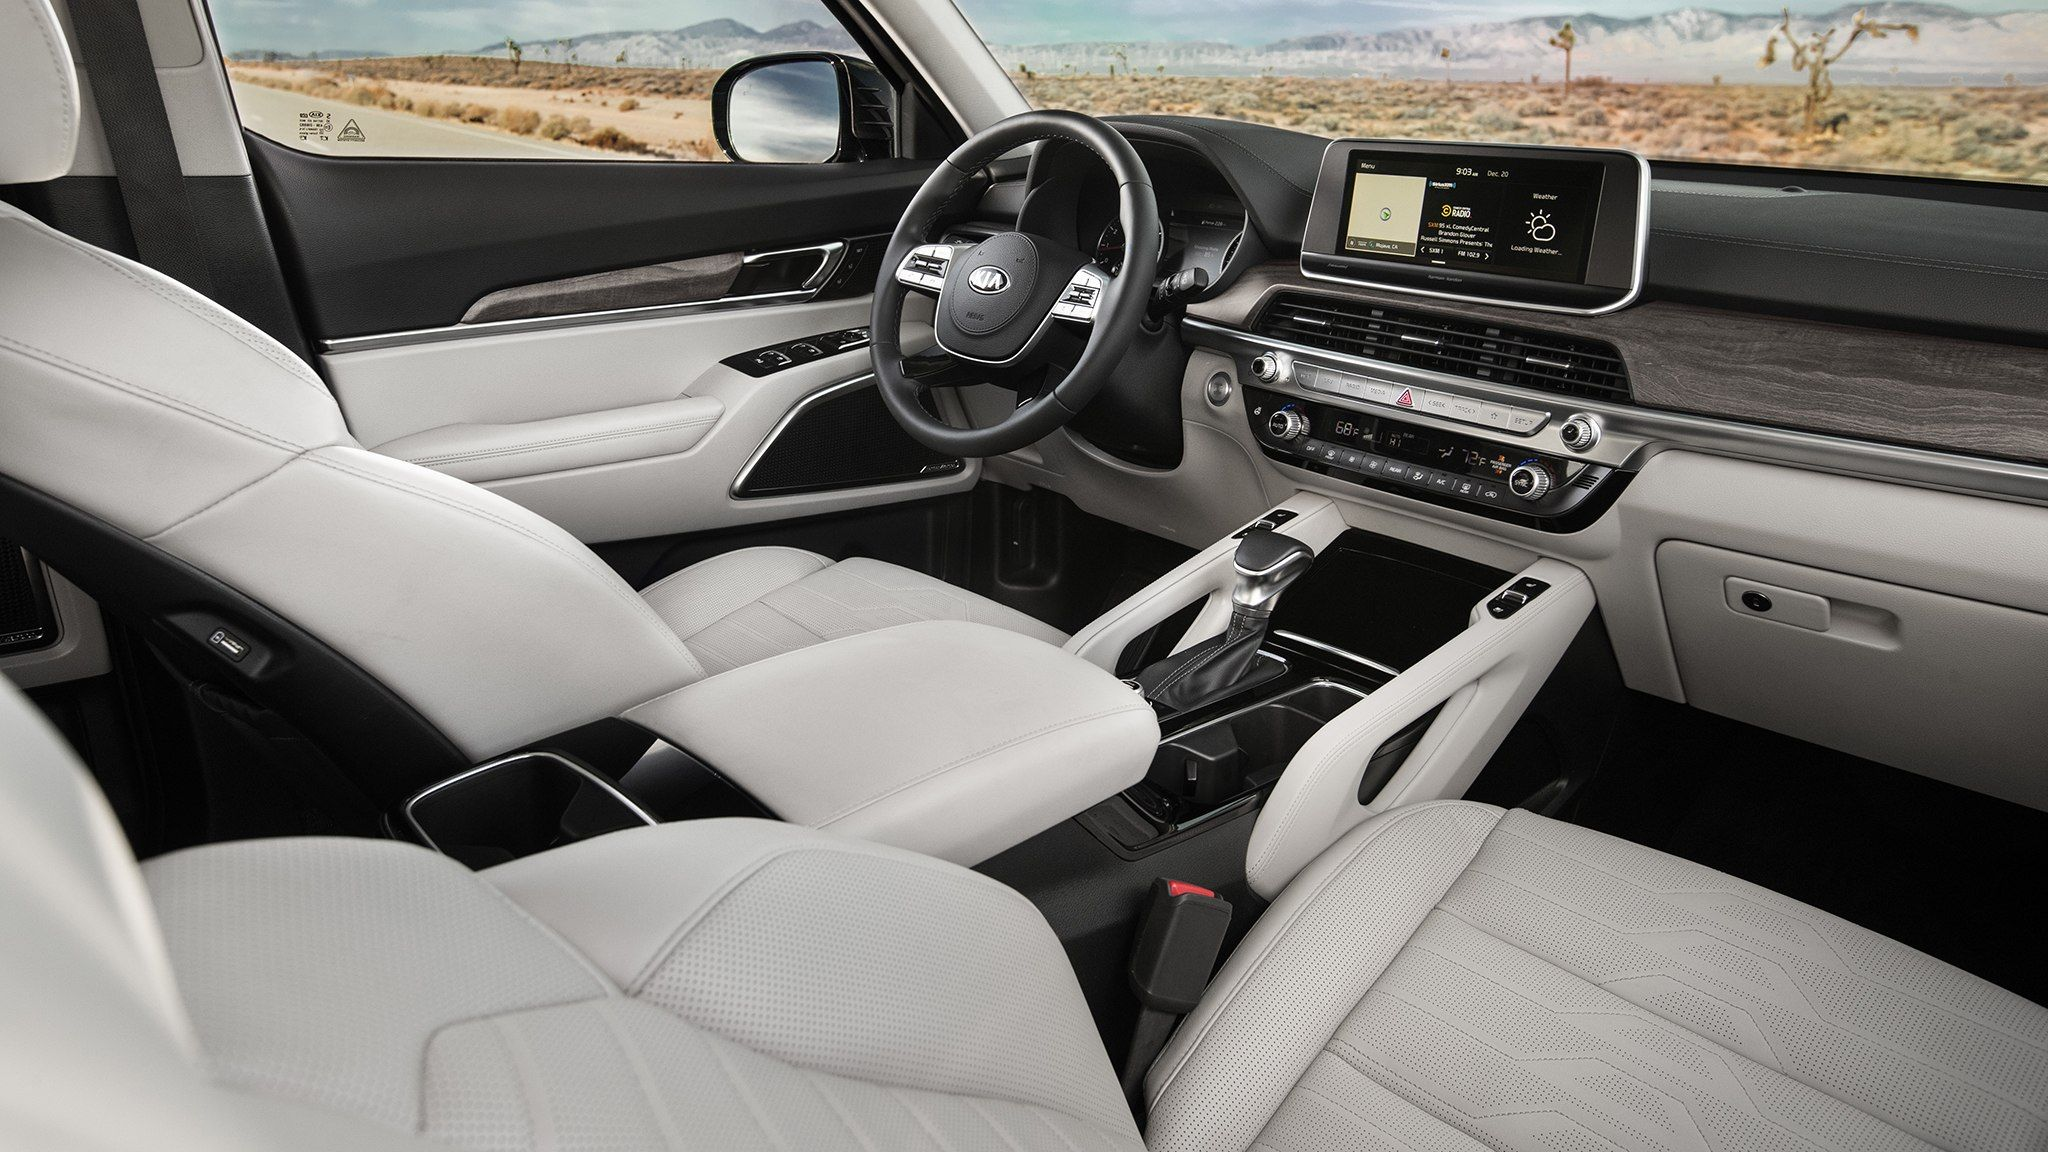 The 2020 Kia Telluride Is A Handsome Three Row Suv With New Tech Mid Size Suv Suv Comparison Kia